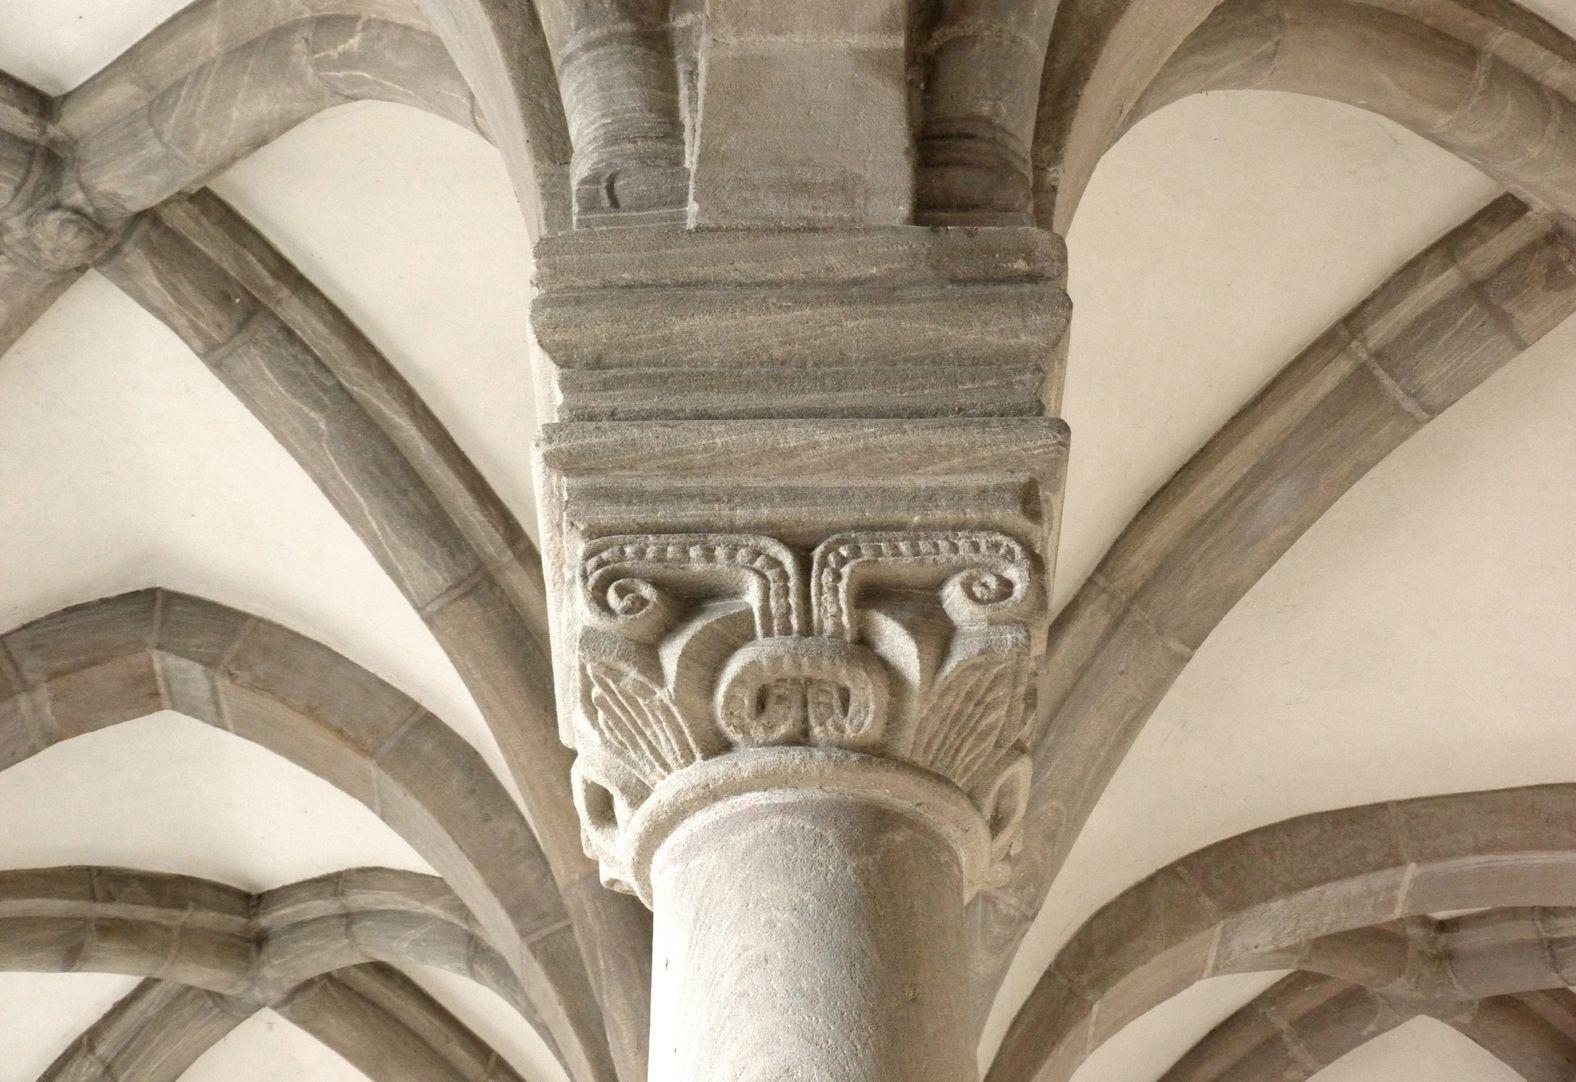 Euchariuskapelle östliches Säulenkapitell mit Gewölben